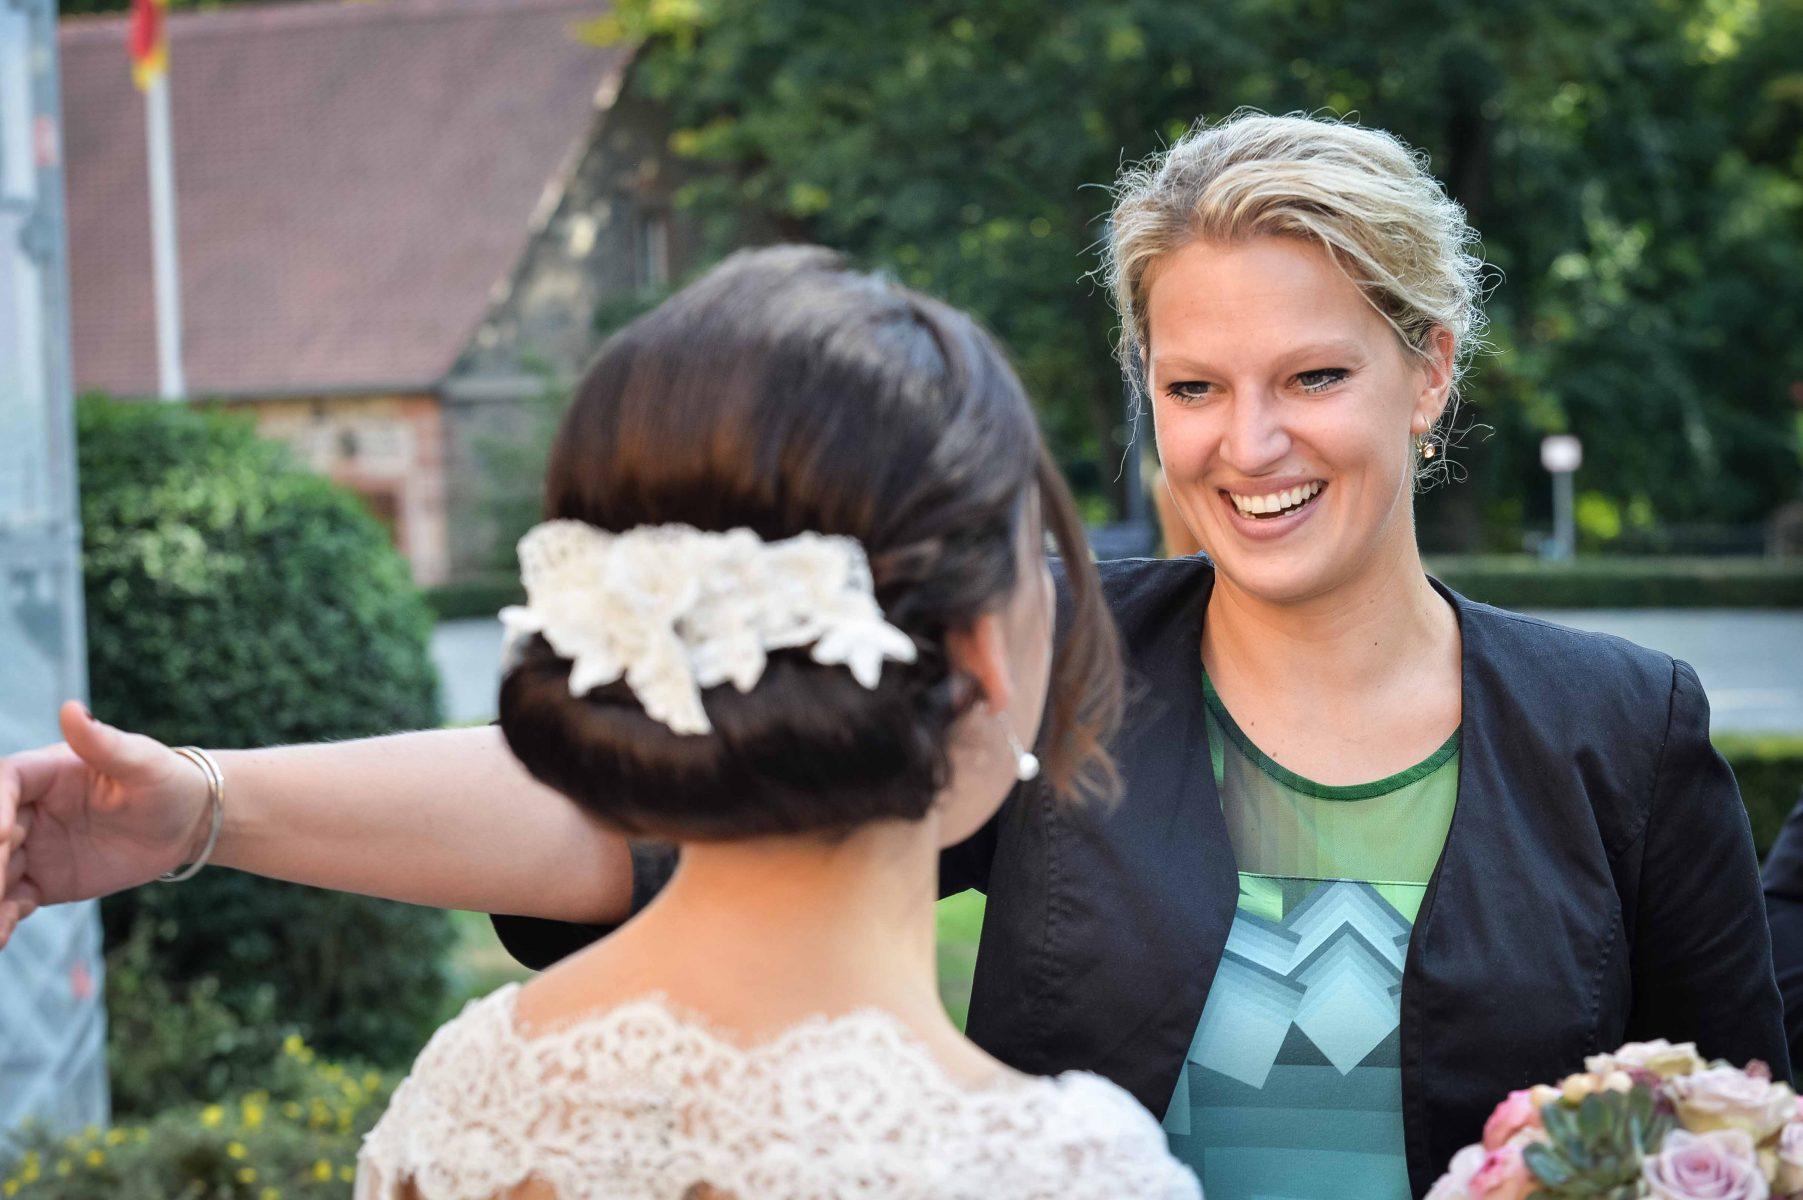 Hochzeit Gratulation B2000 5238 1803x1200 - GRATULATION & EMOTION